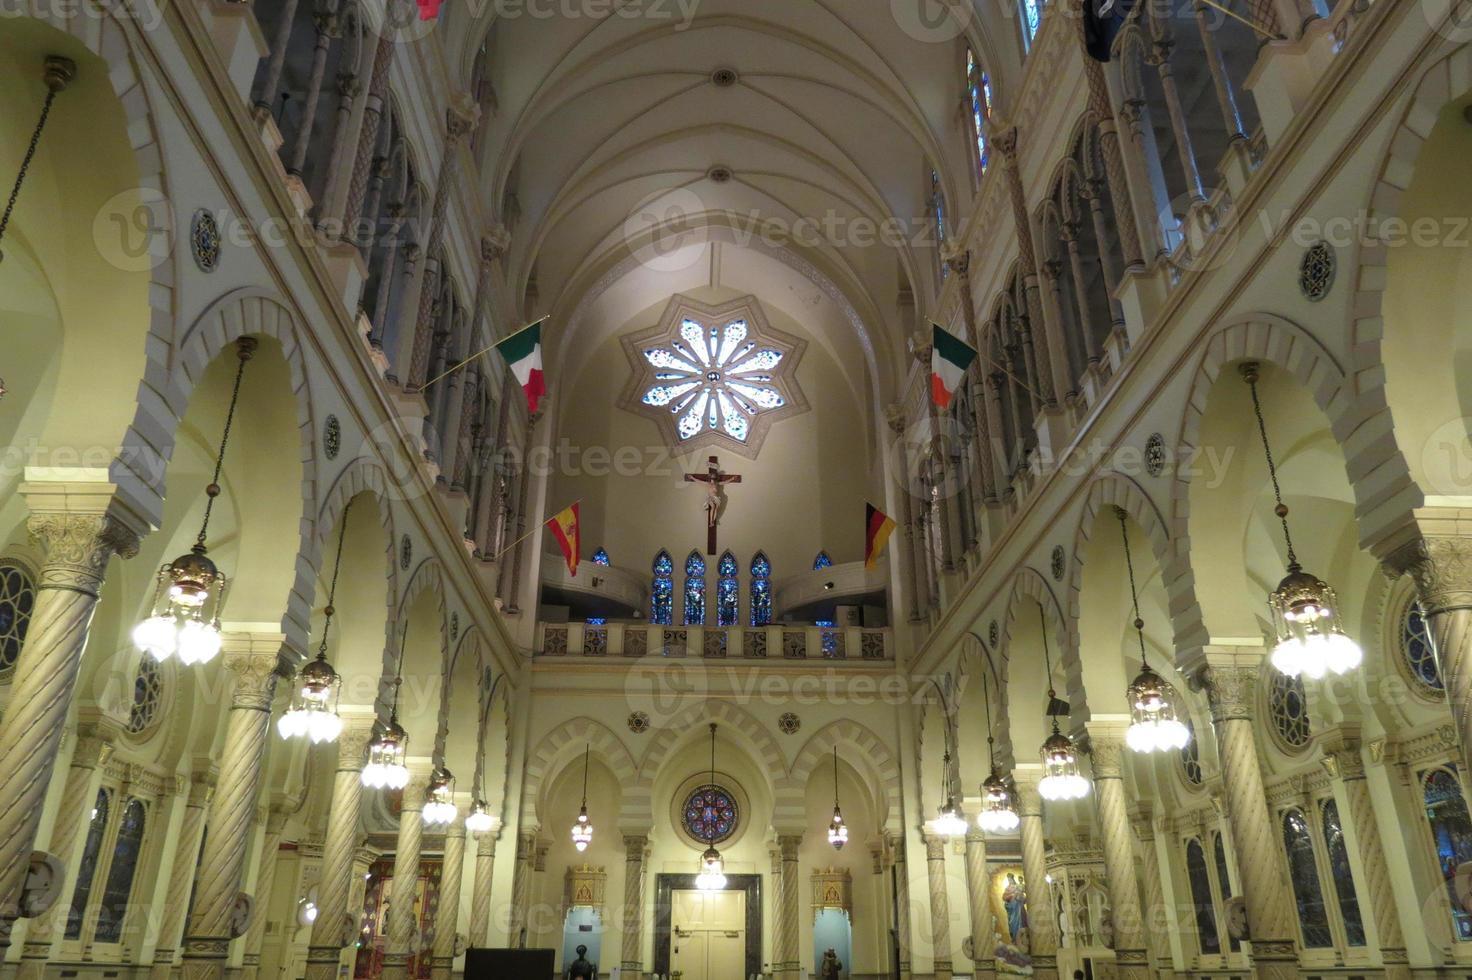 beleuchtetes Kirchenschiff foto